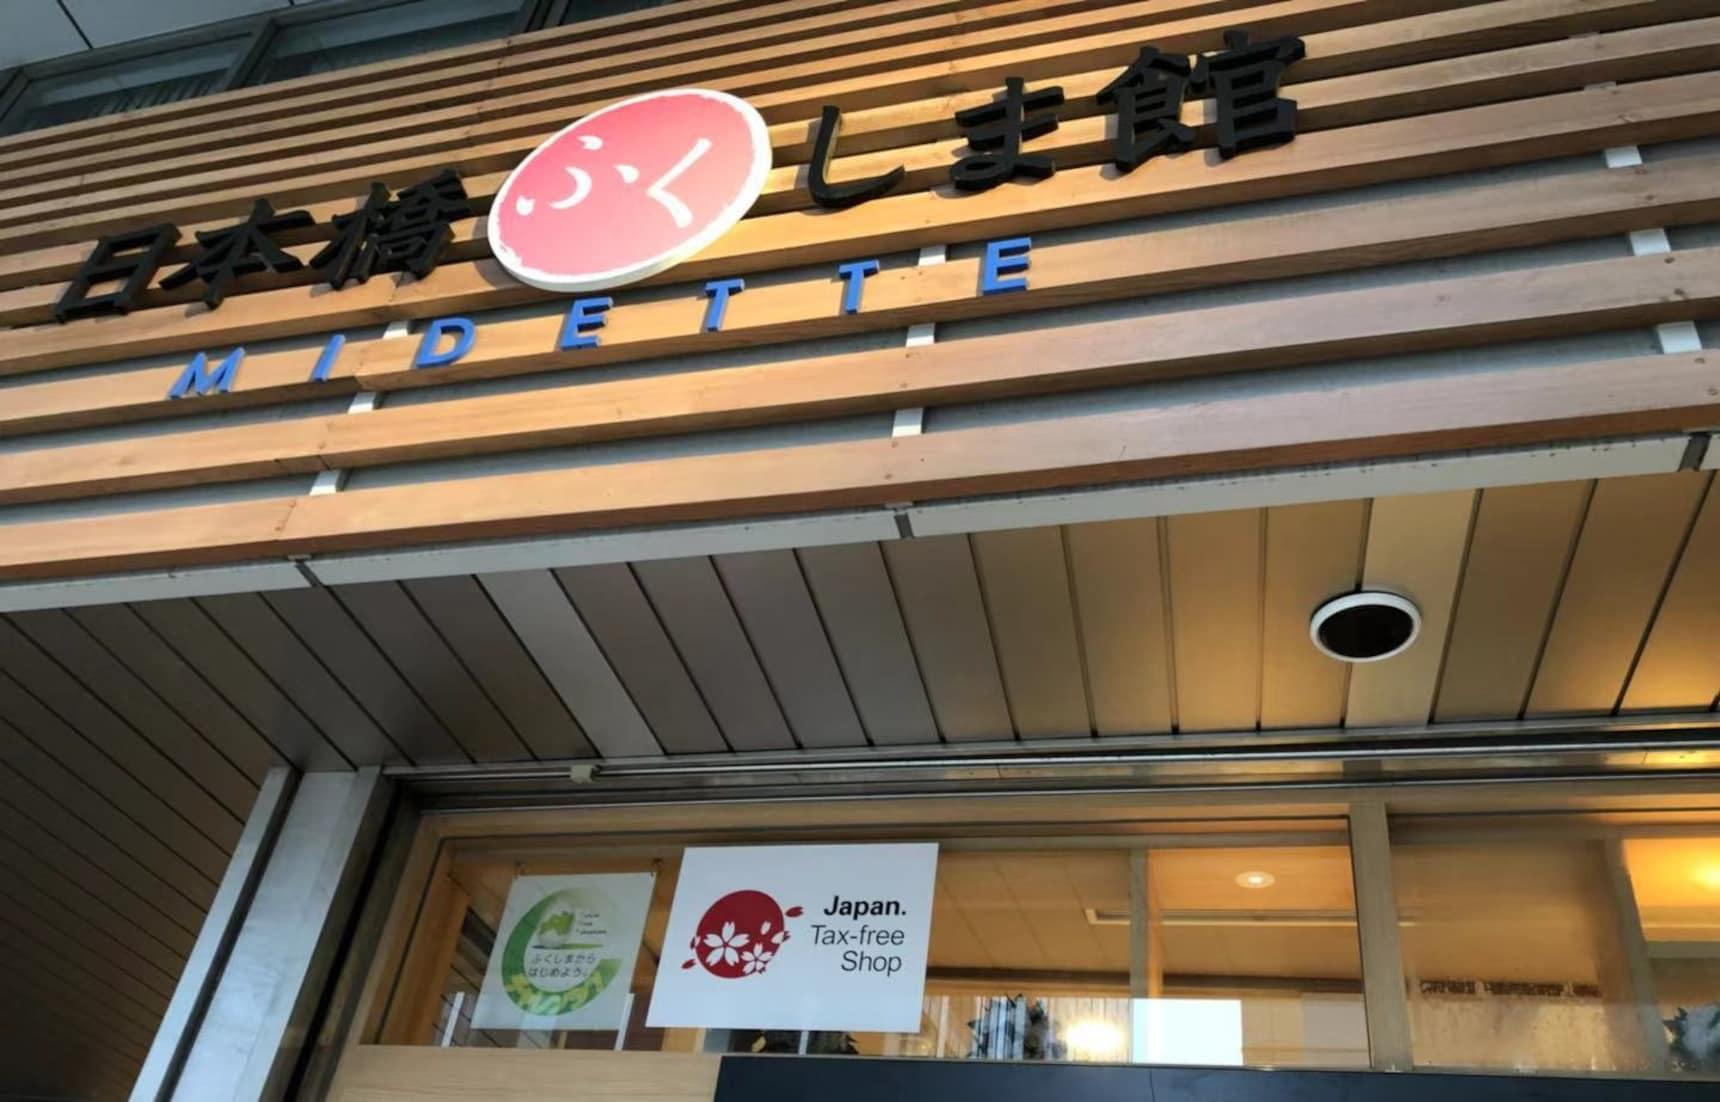 那些大米,很漂亮地摆放在东京福岛馆